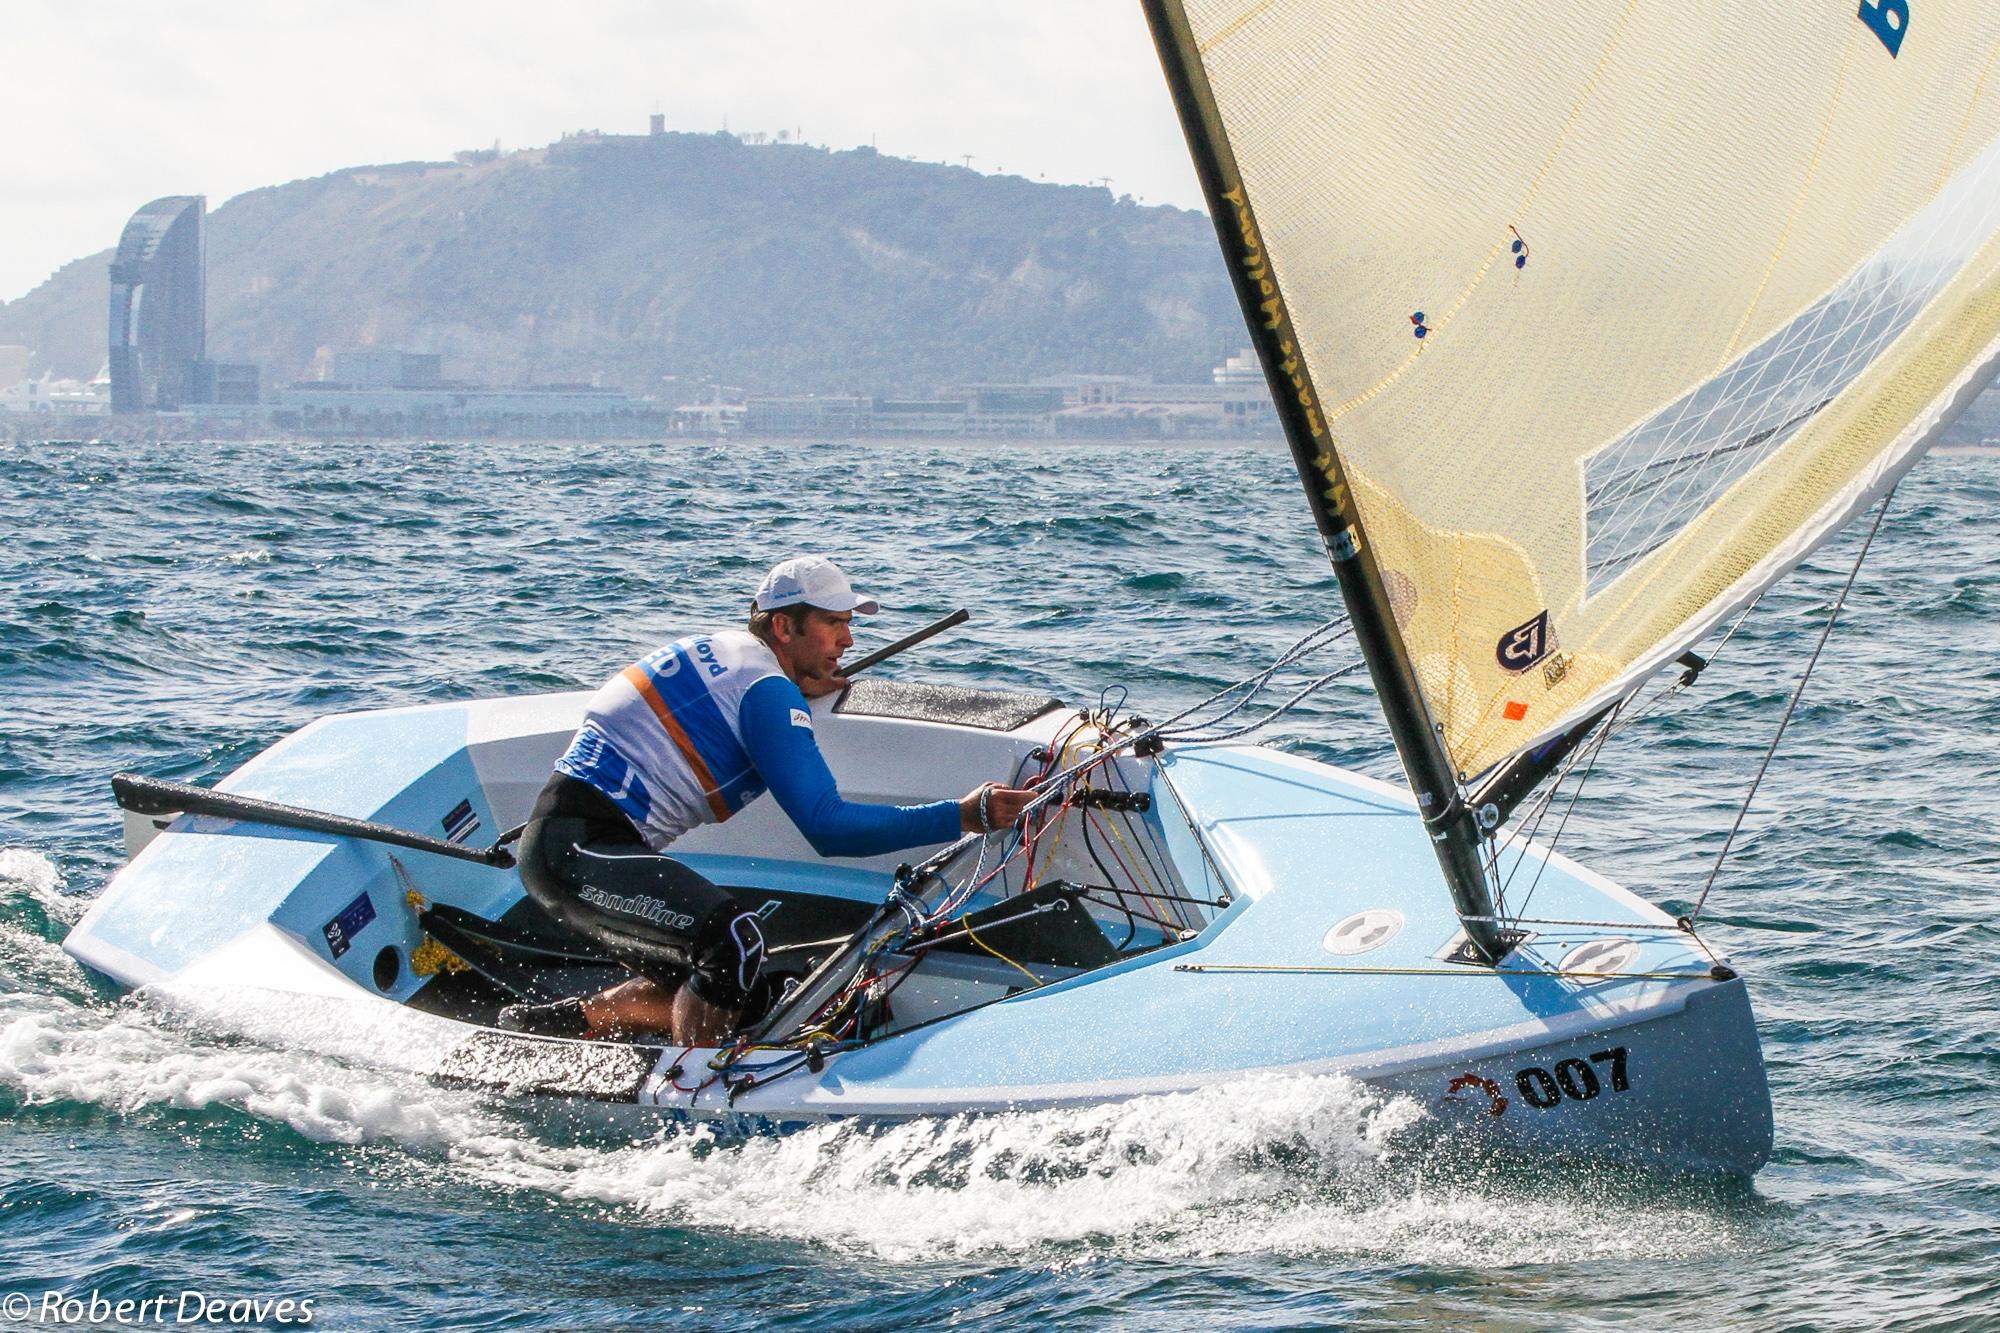 olympisch kampioen marit bouwmeester